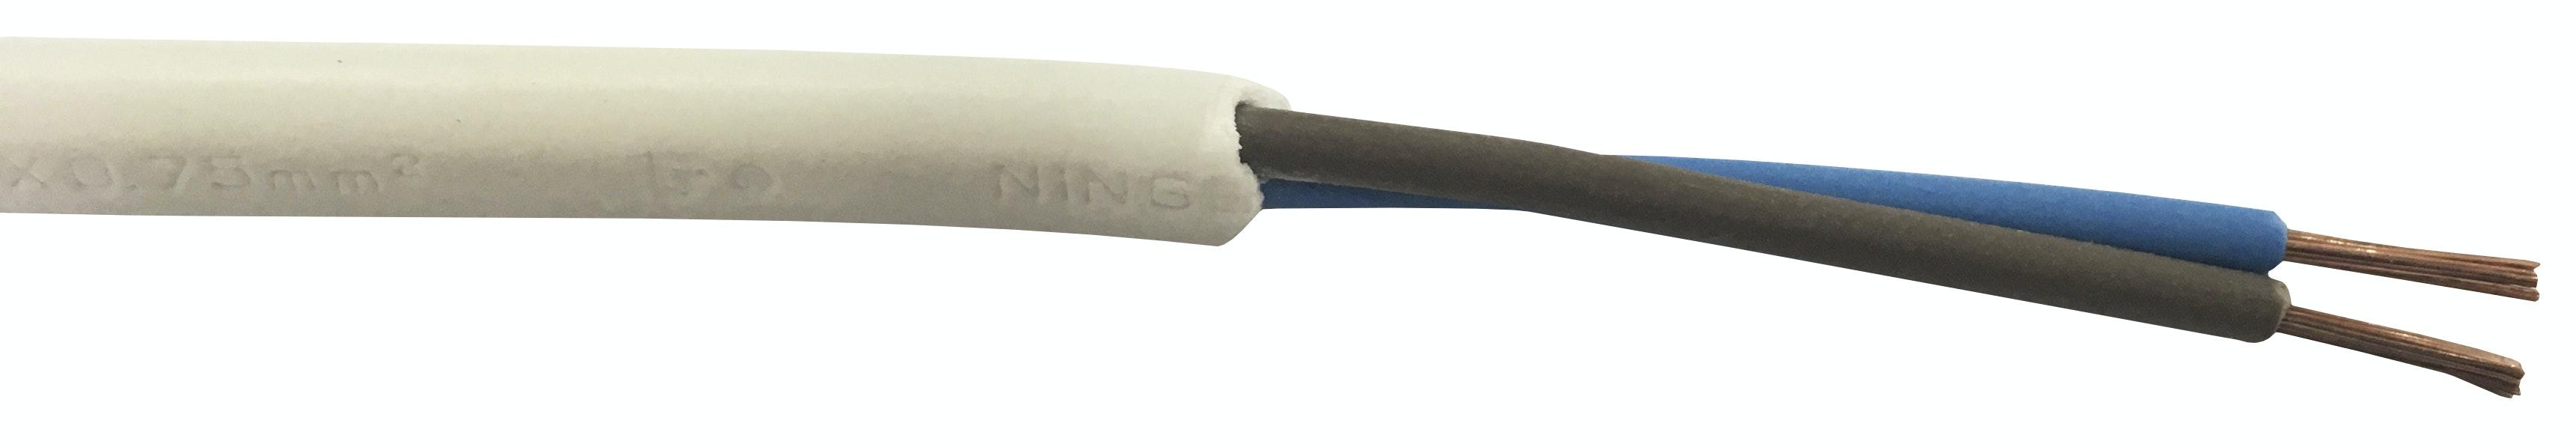 Installationskabel Opal MSO 2x0.75mm² Vit 10m